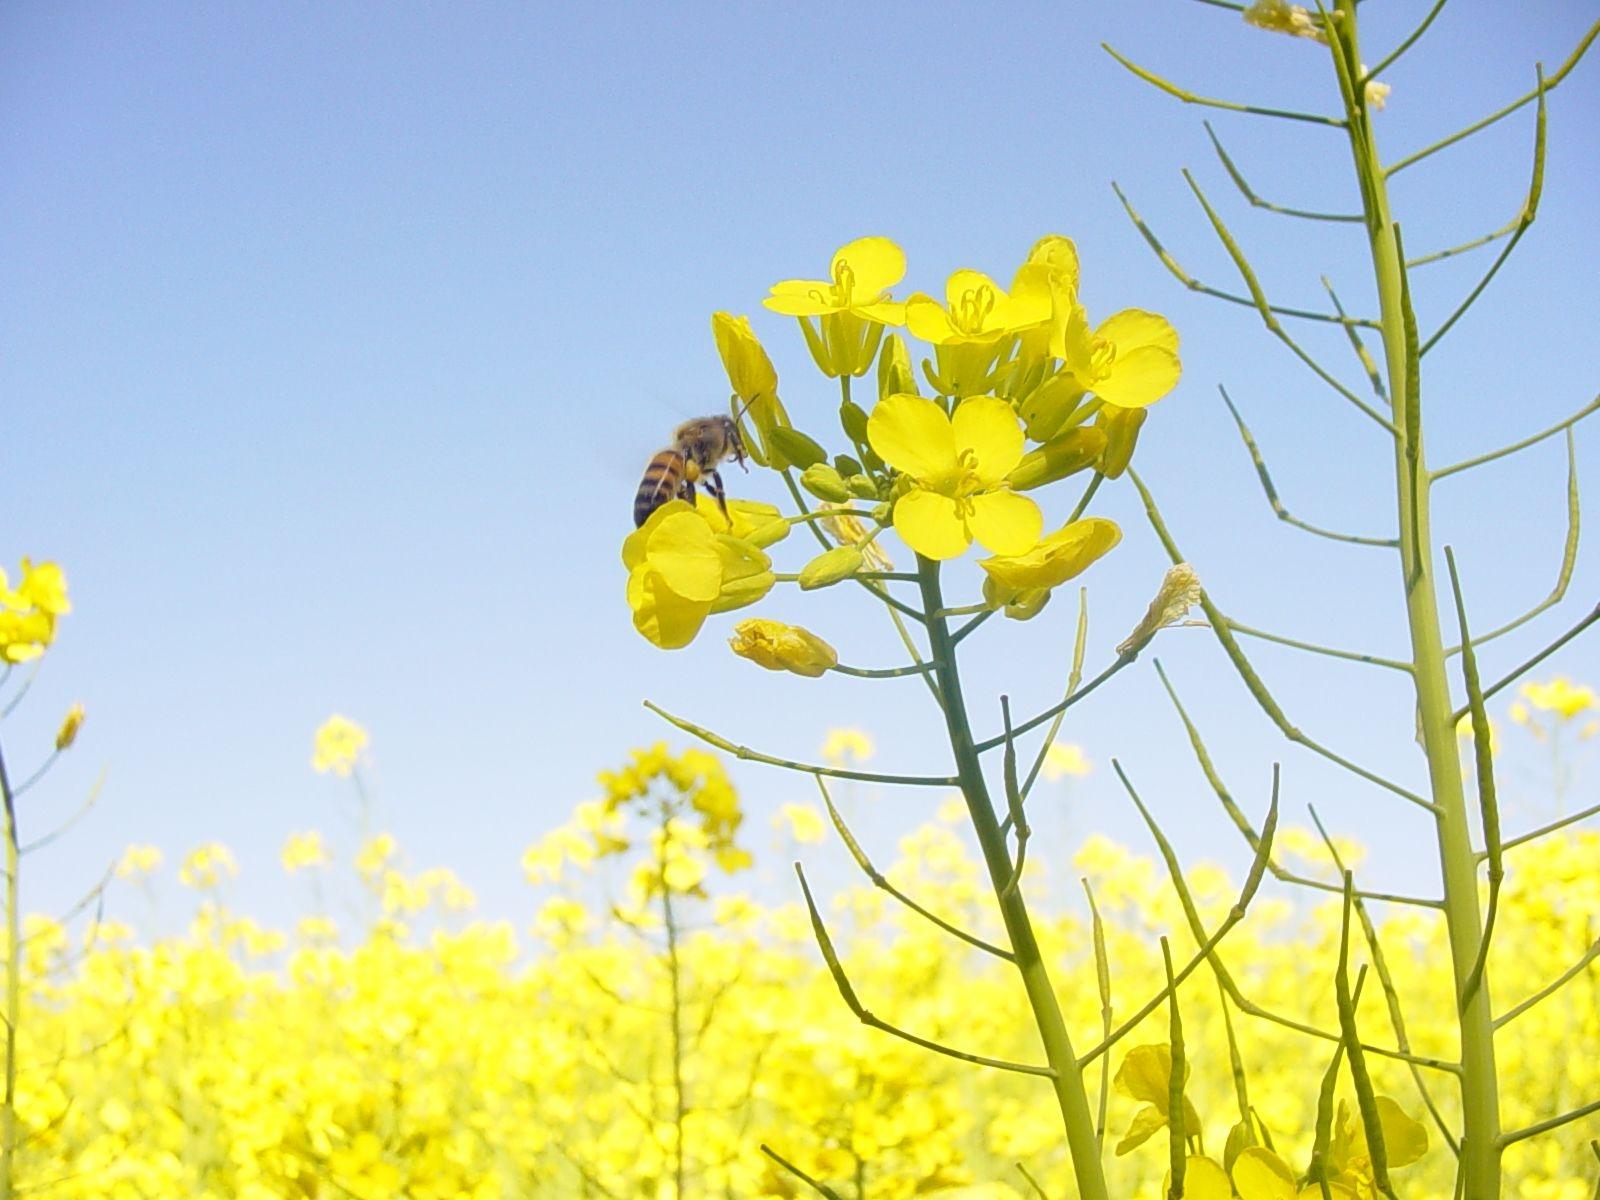 Nilton Bustão - Diversificar matérias-primas é ponto-chave para aumentar produção de biocombustíveis: canola é uma das alternativas